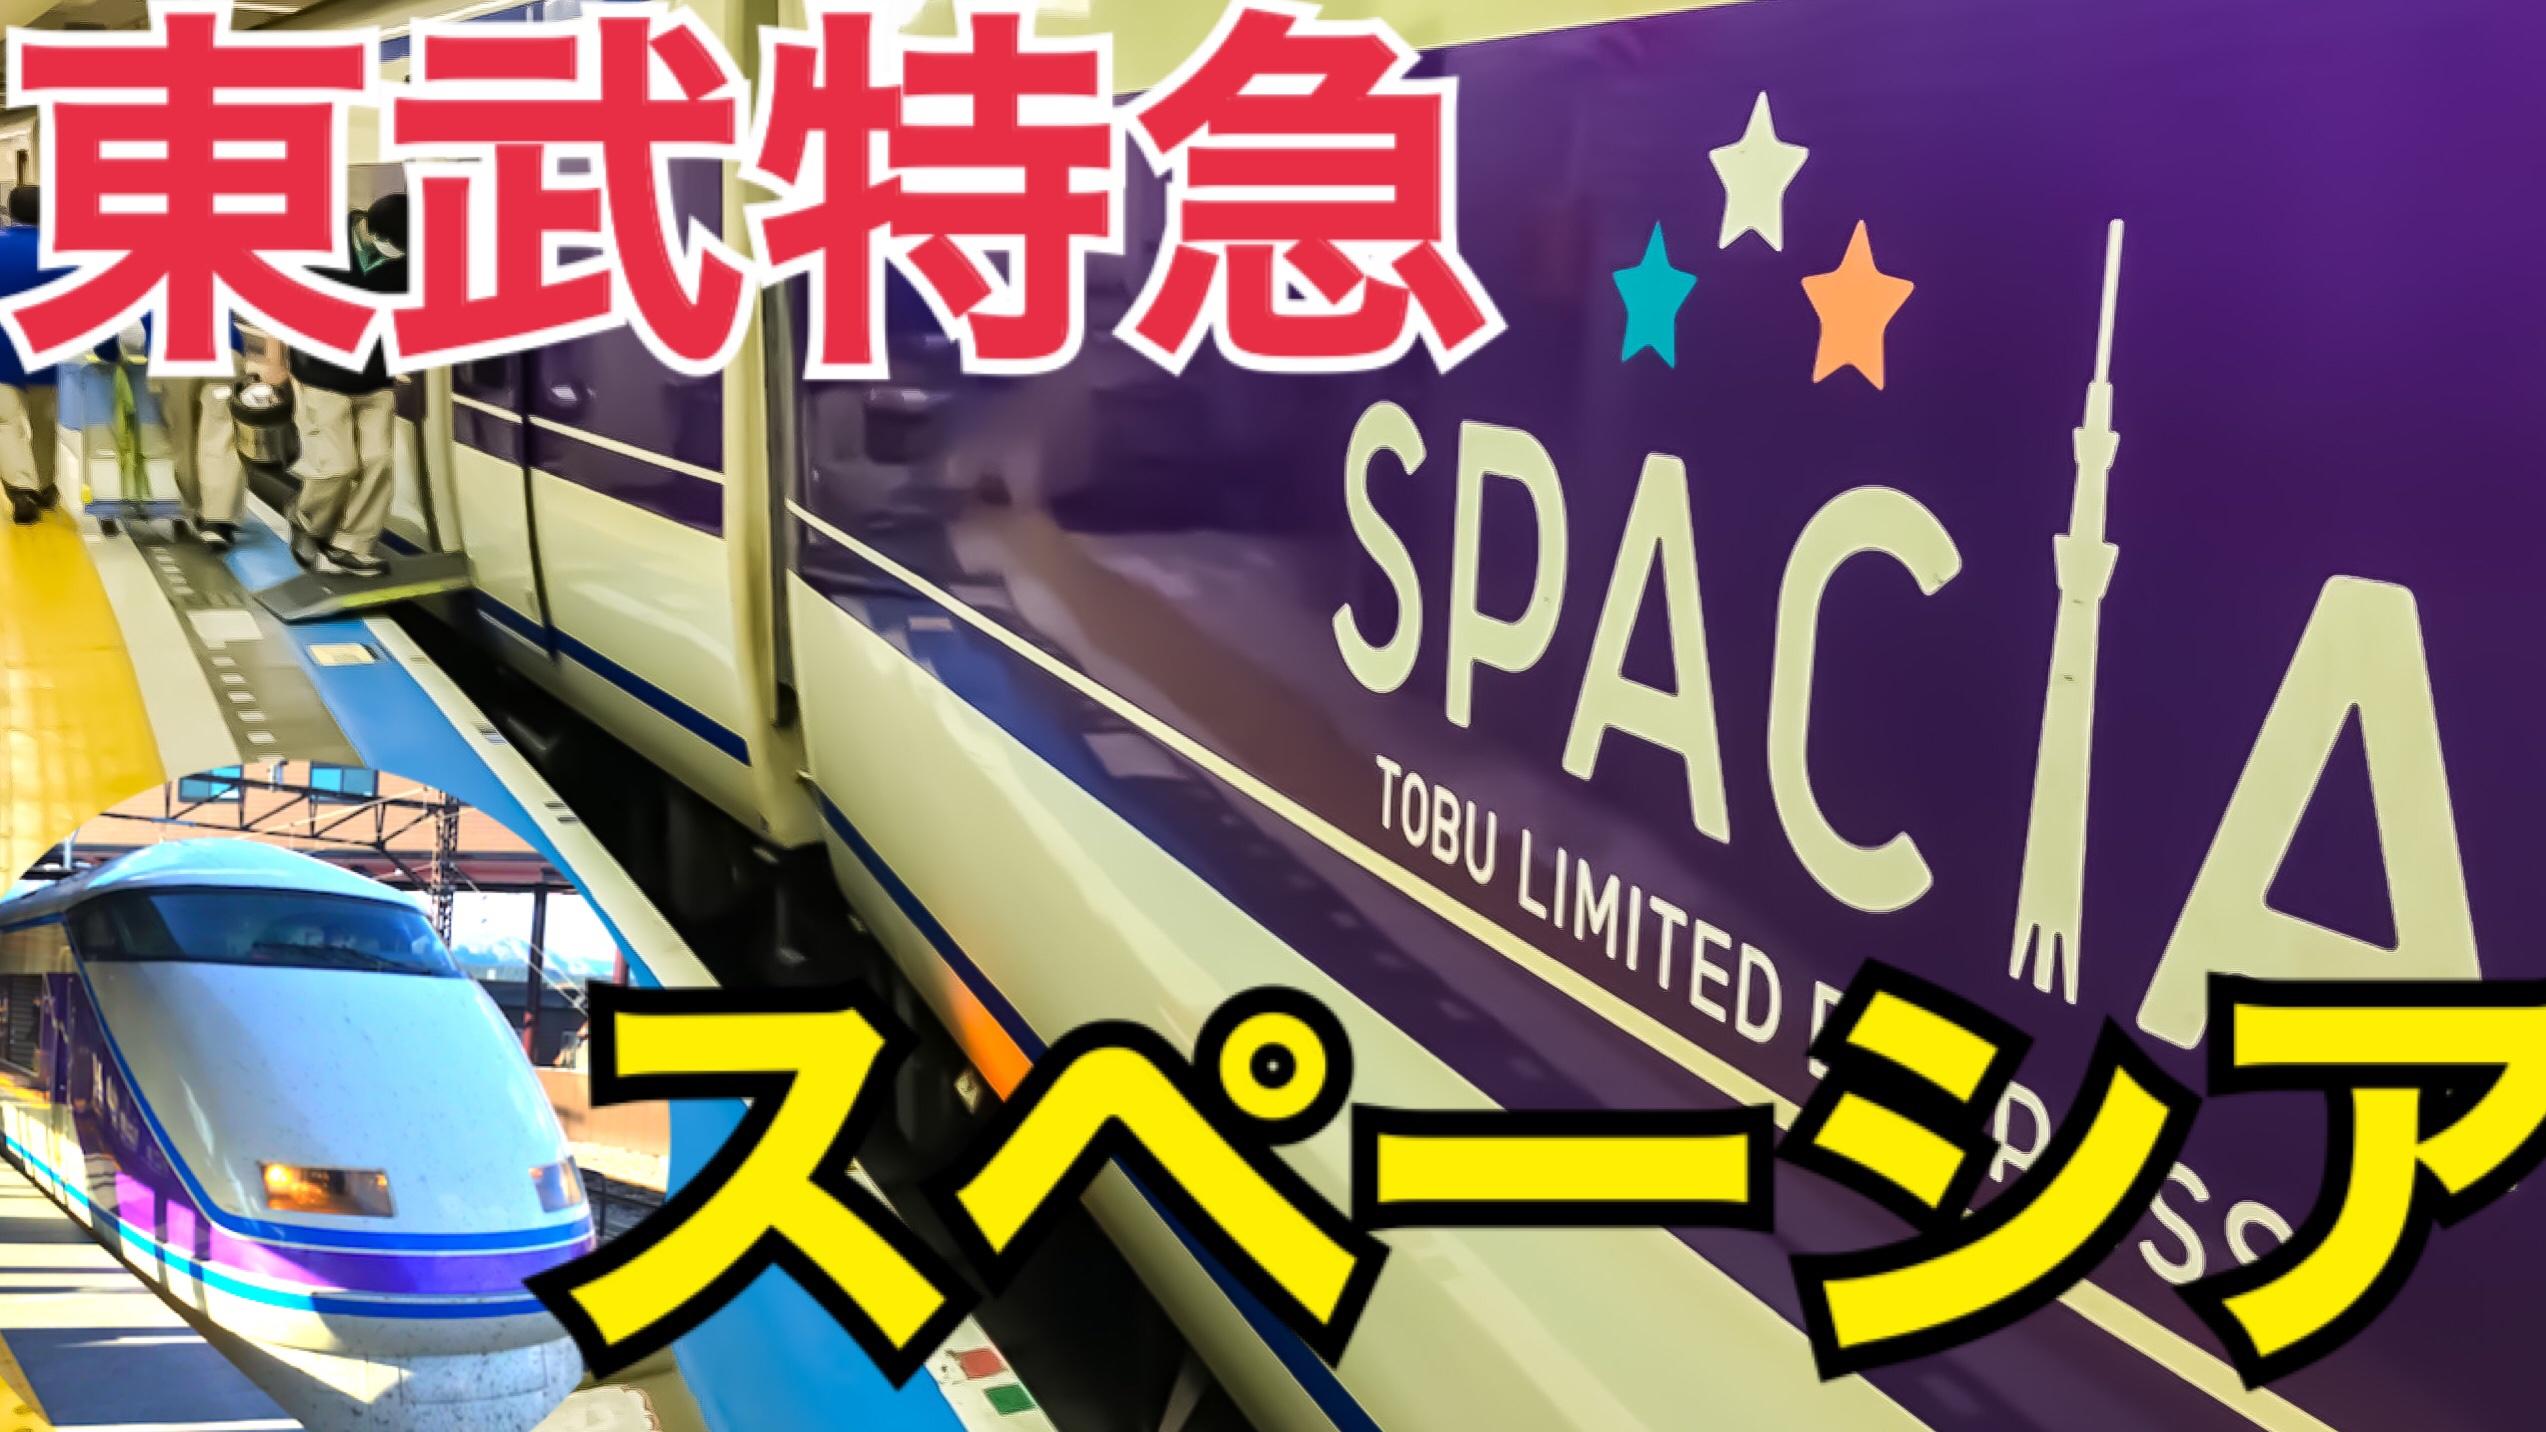 東武の看板!複々線が楽しすぎる!特急スペーシアきぬ乗車記【東急東武で栃木の旅】